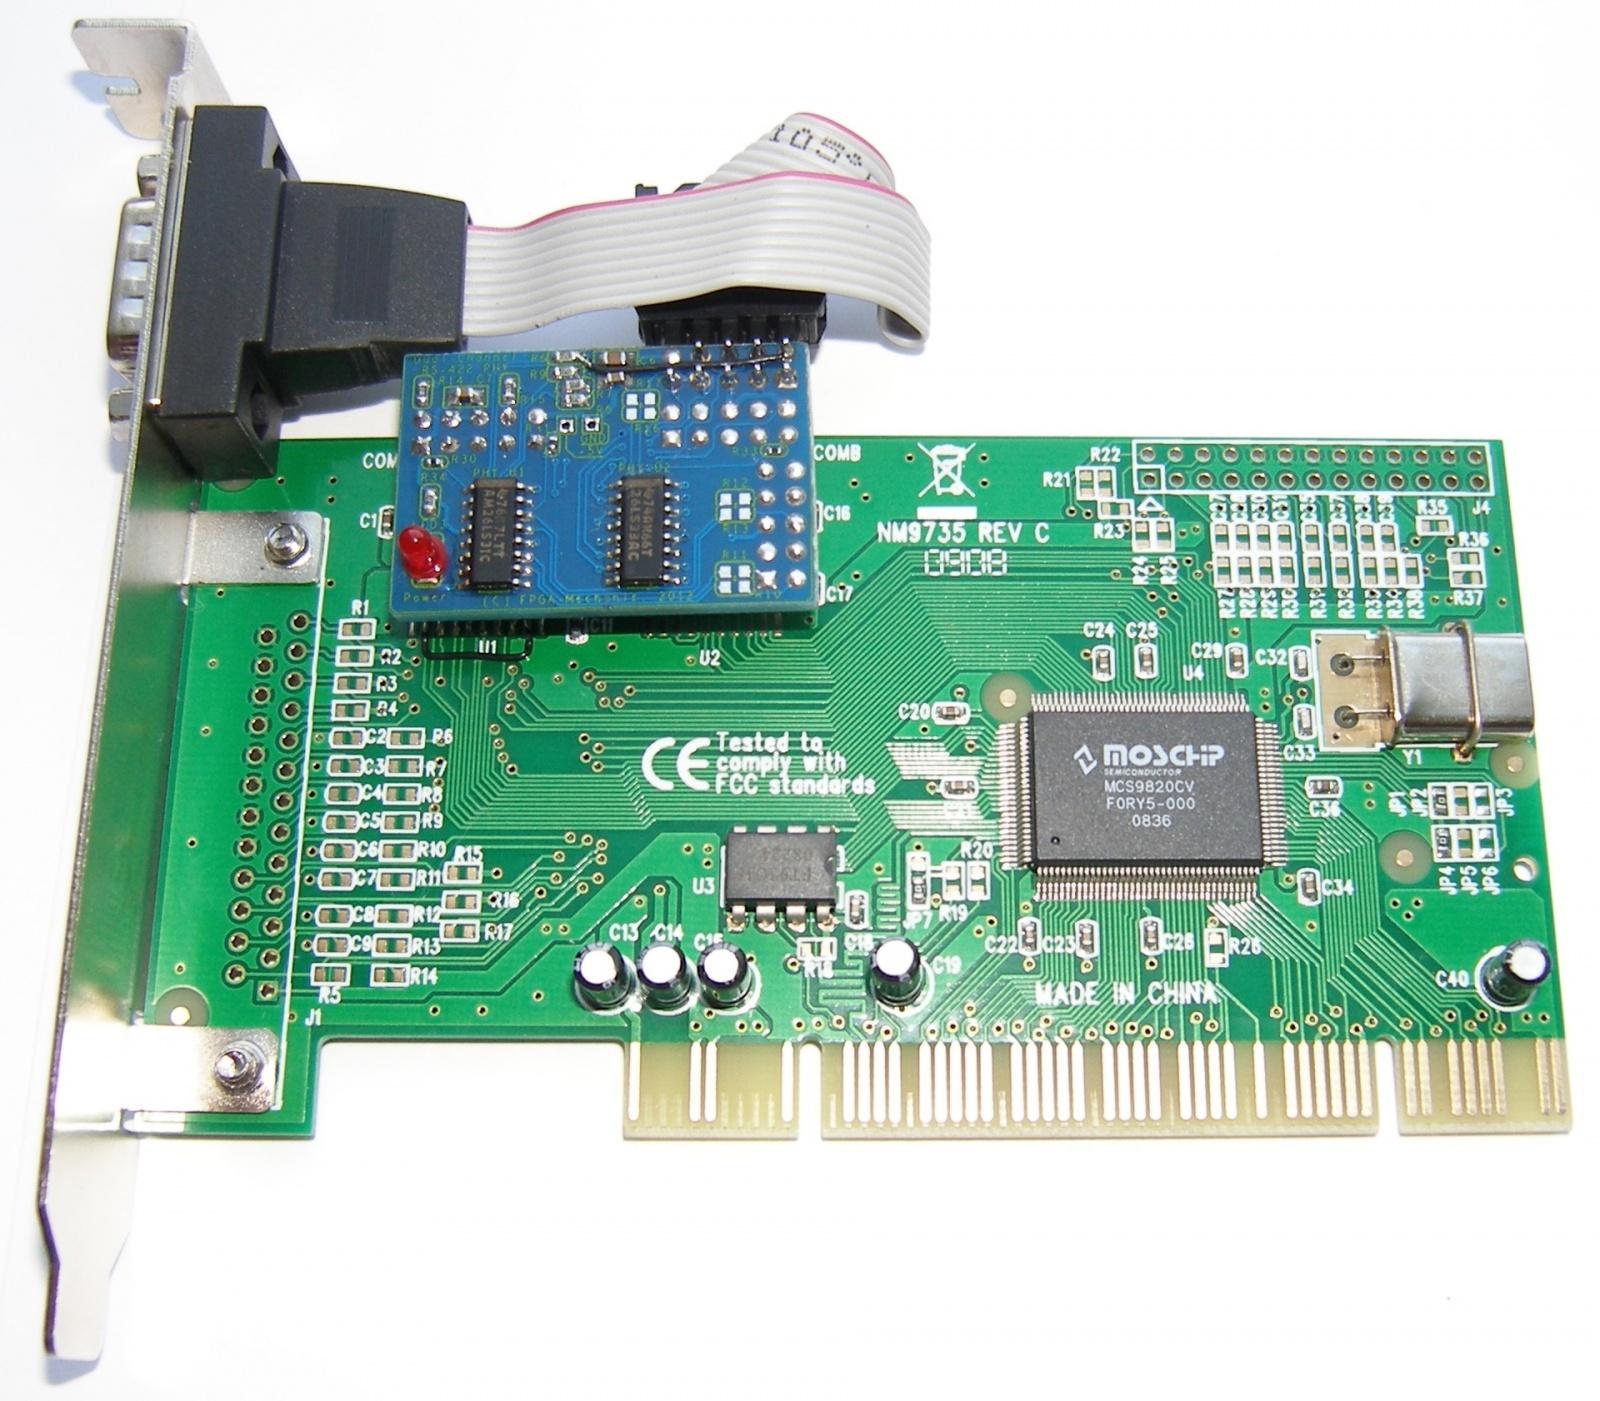 Адаптеры сопряжения RS-422 с поддержкой скоростей до 1Мбод для системной шины PCI - 23